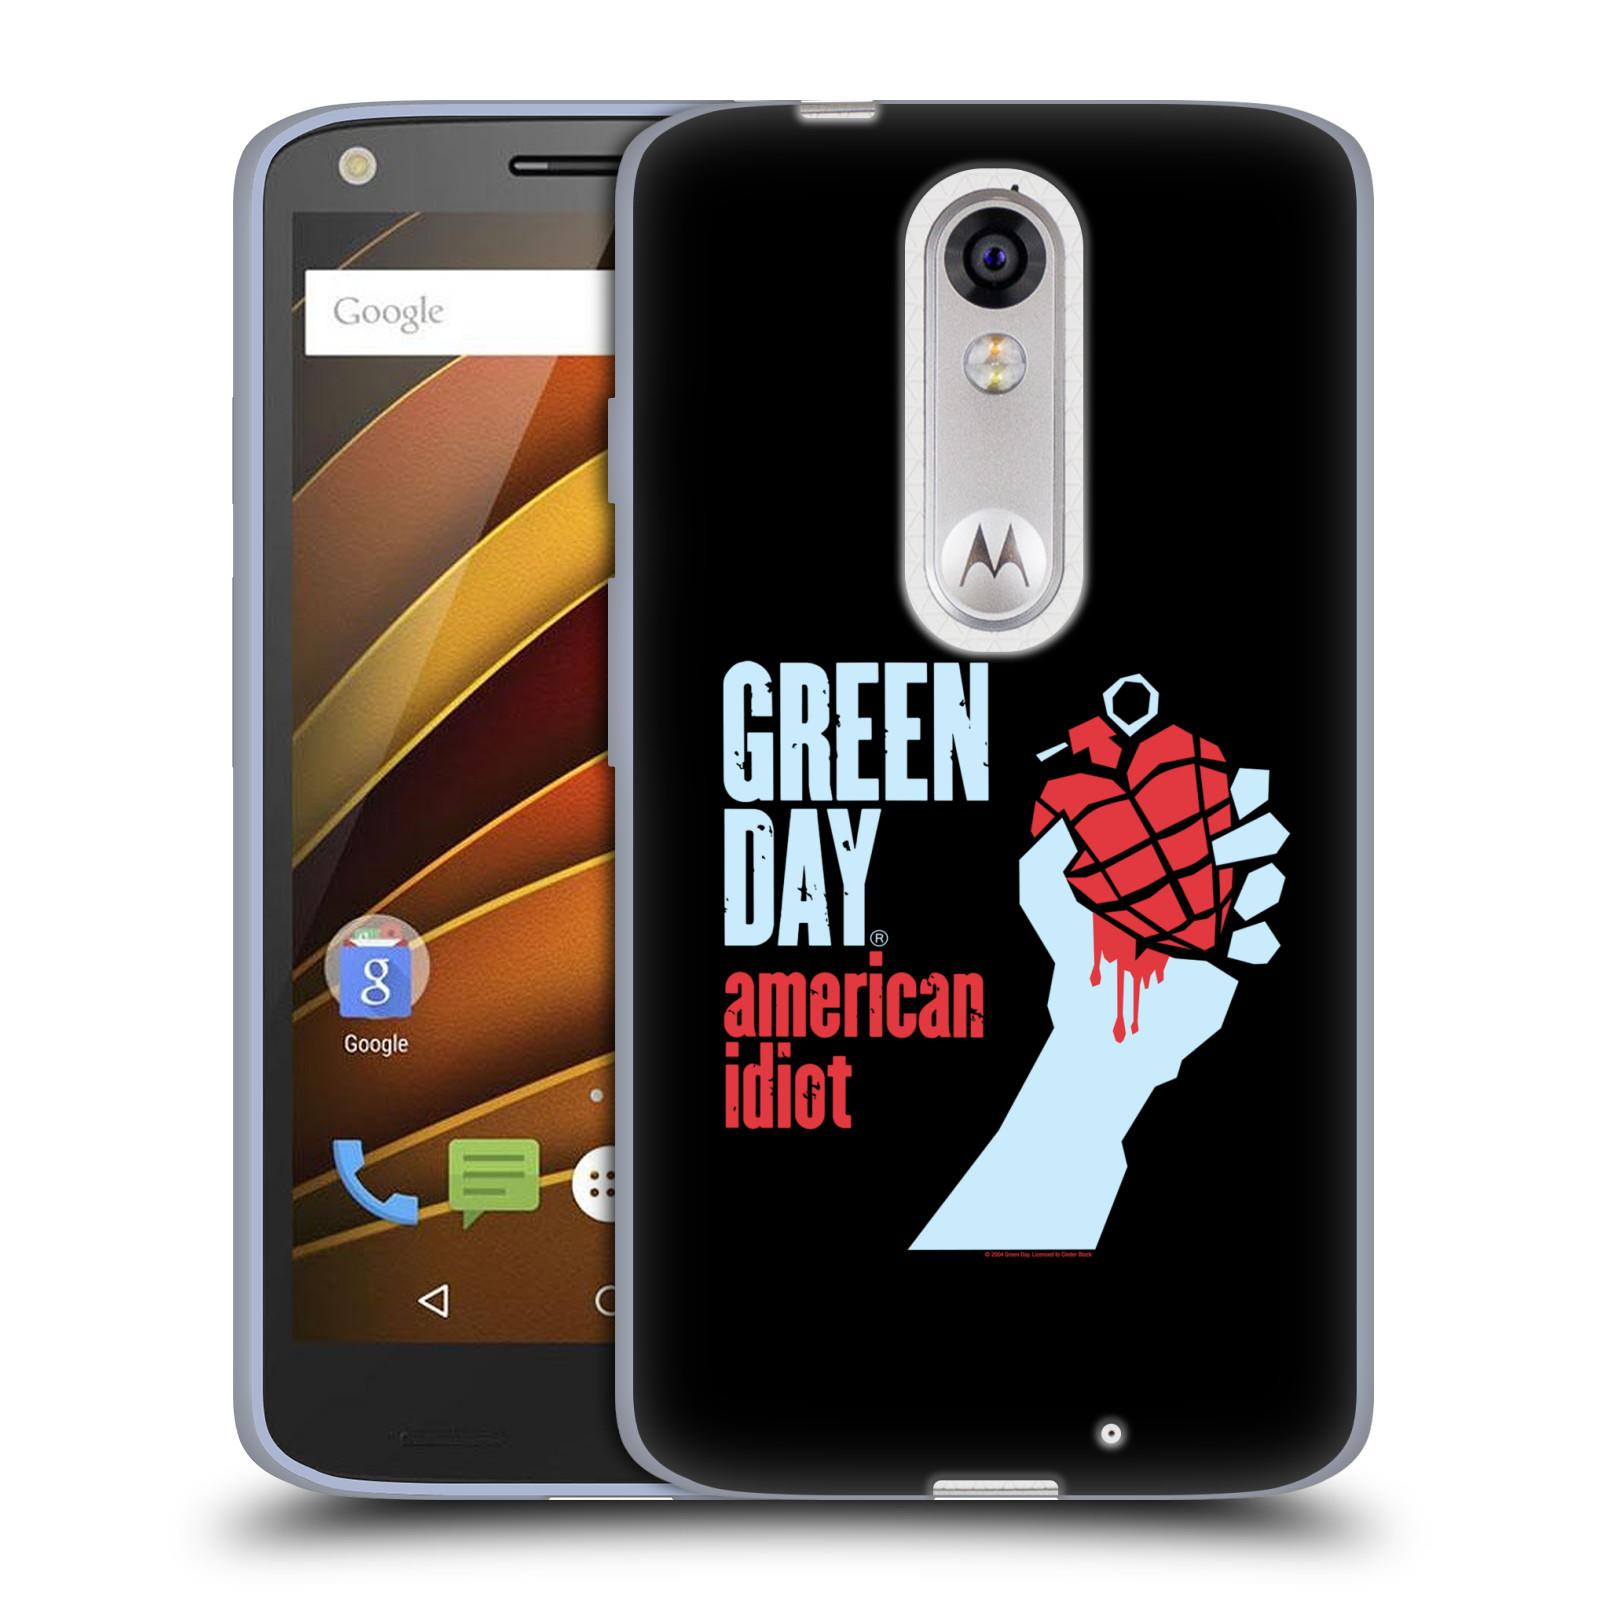 Silikonové pouzdro na mobil Lenovo Moto X Force HEAD CASE Green Day - American Idiot (Silikonový kryt či obal na mobilní telefon licencovaným motivem Green Day pro Lenovo Moto X Force (Motorola))